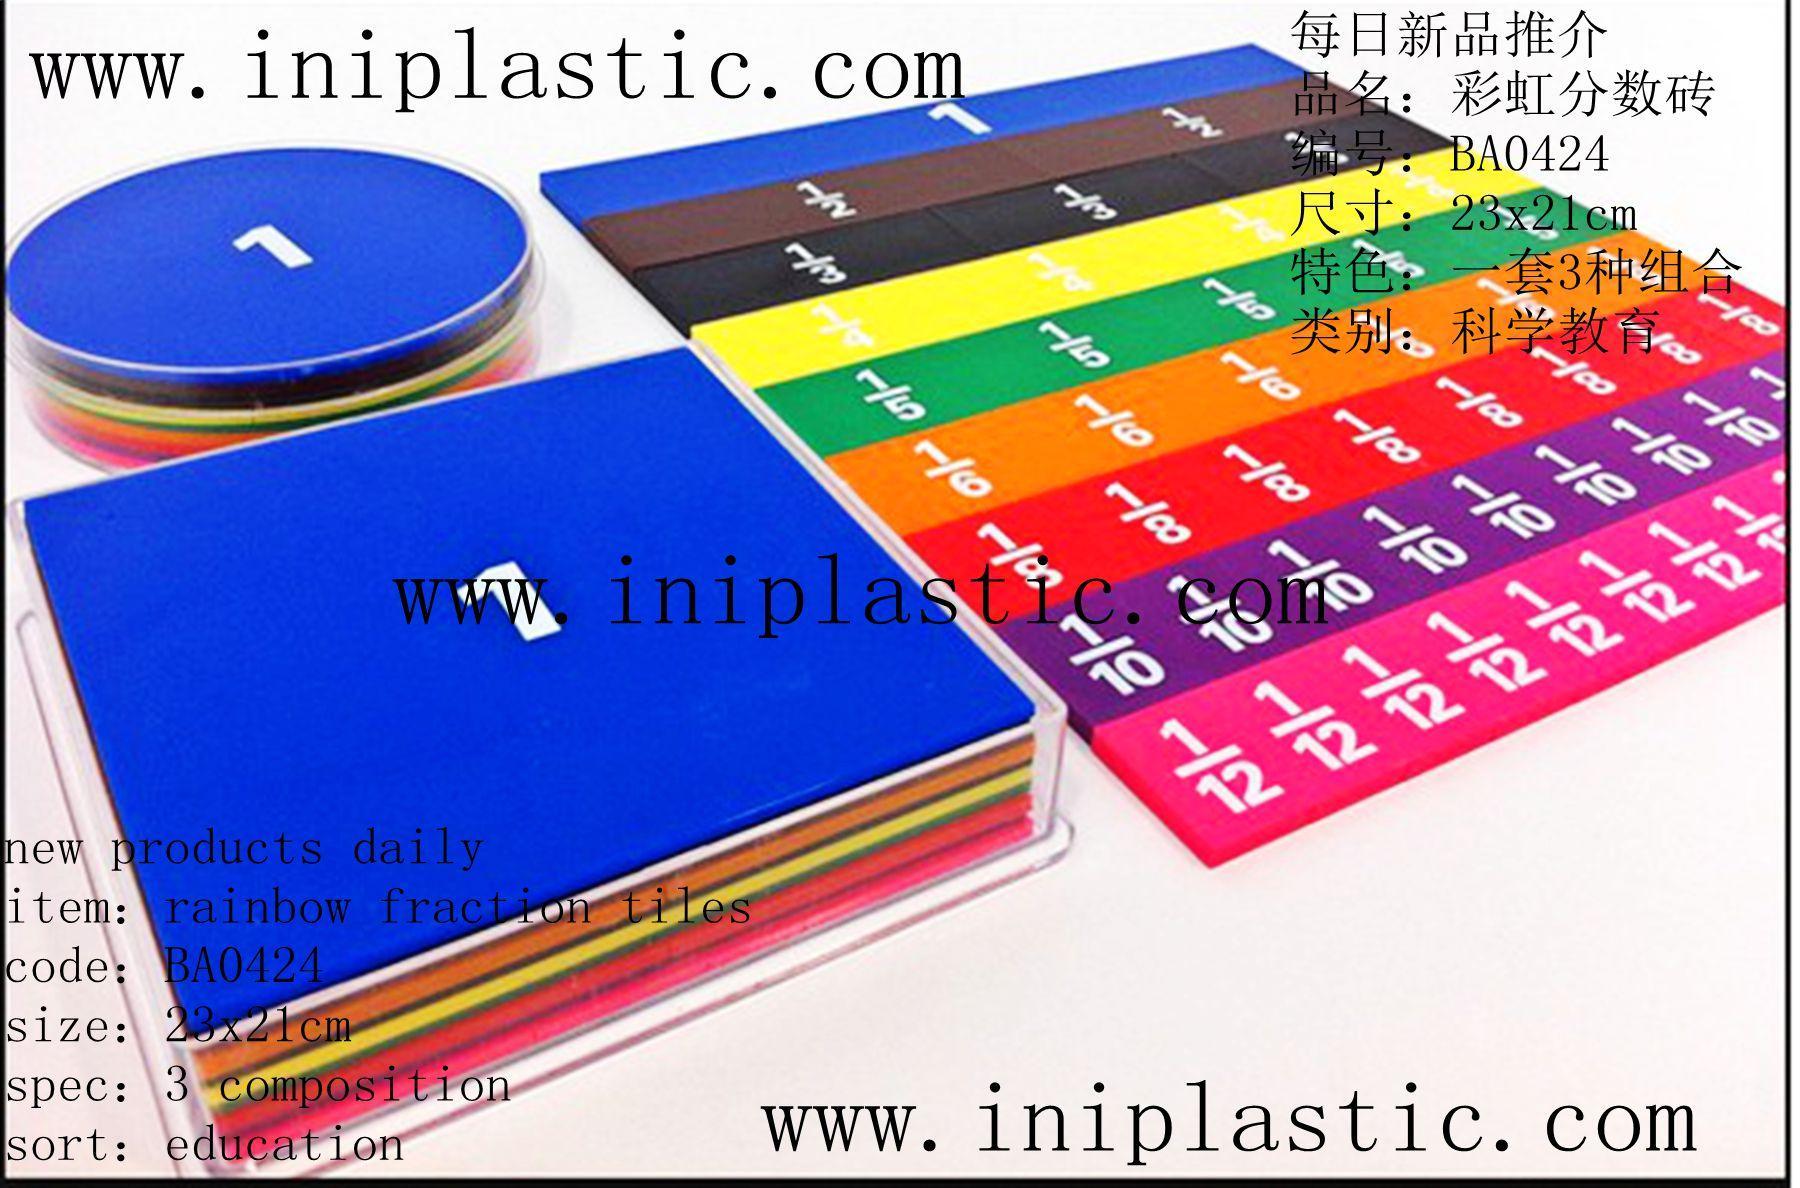 塑料長方體|老師用品|老師用具|課堂用具|上課用品 15